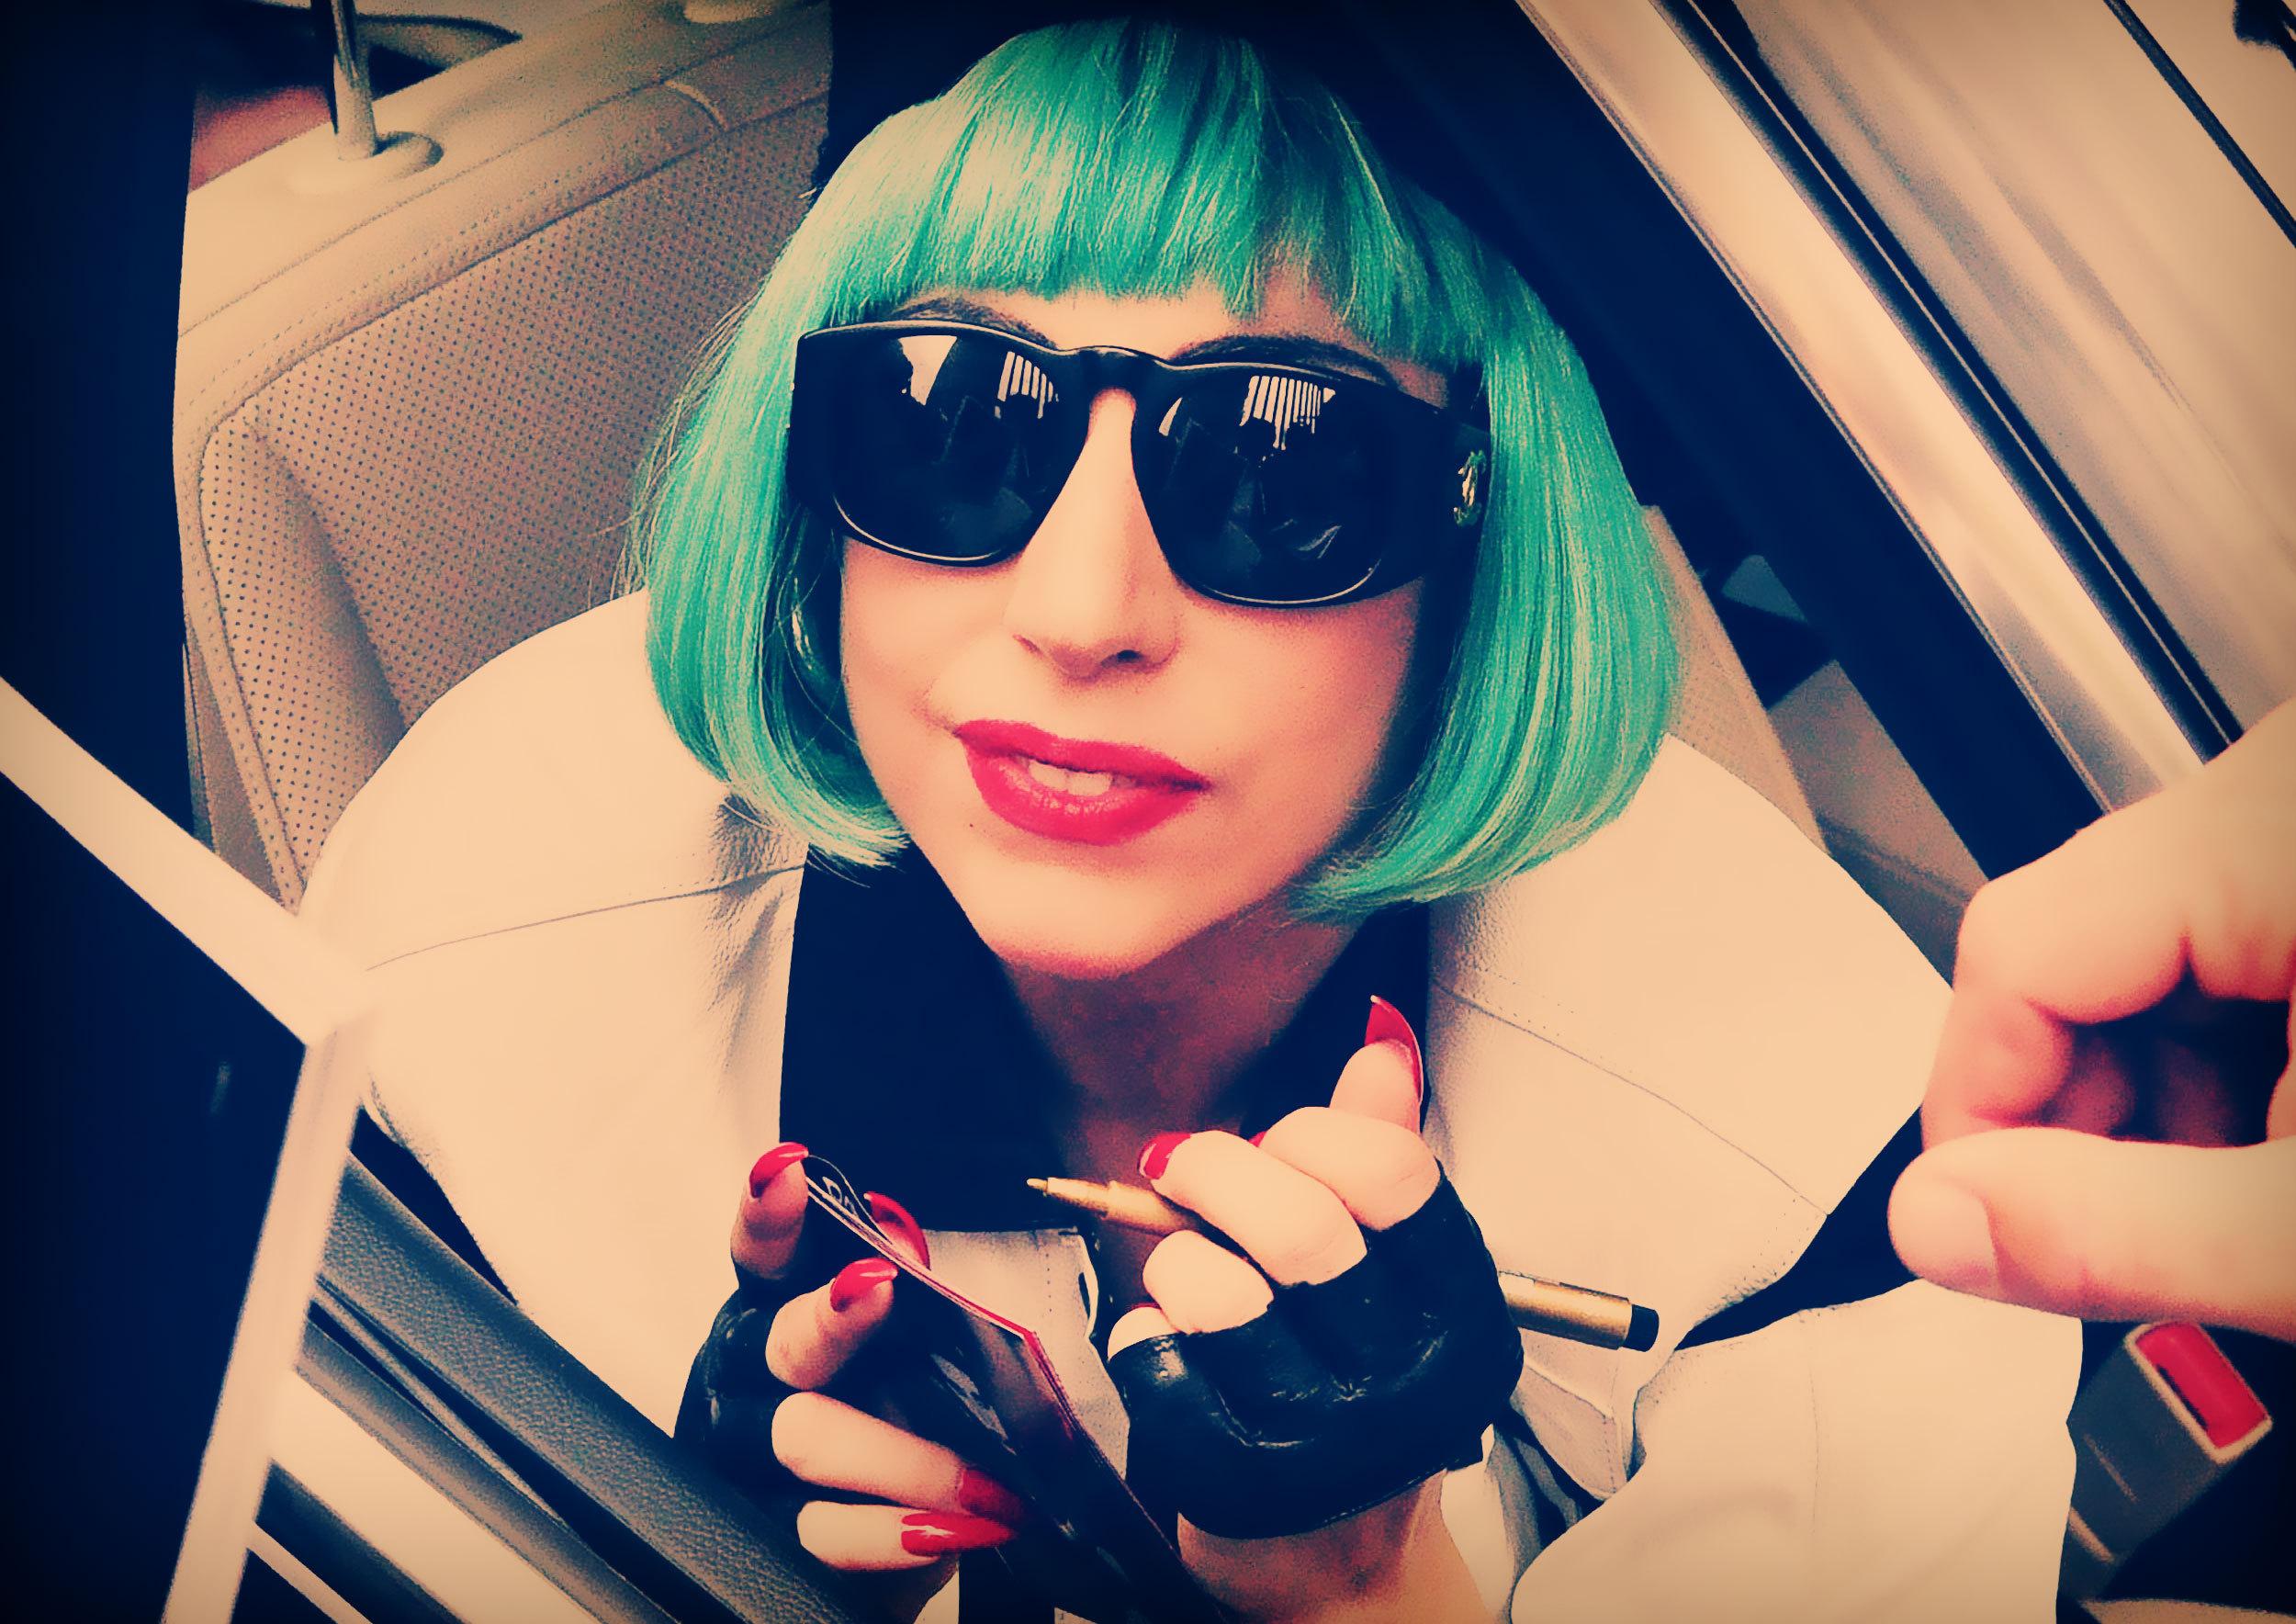 lady gaga - Lady Gaga Photo (22901667) - Fanpop Lady Gaga